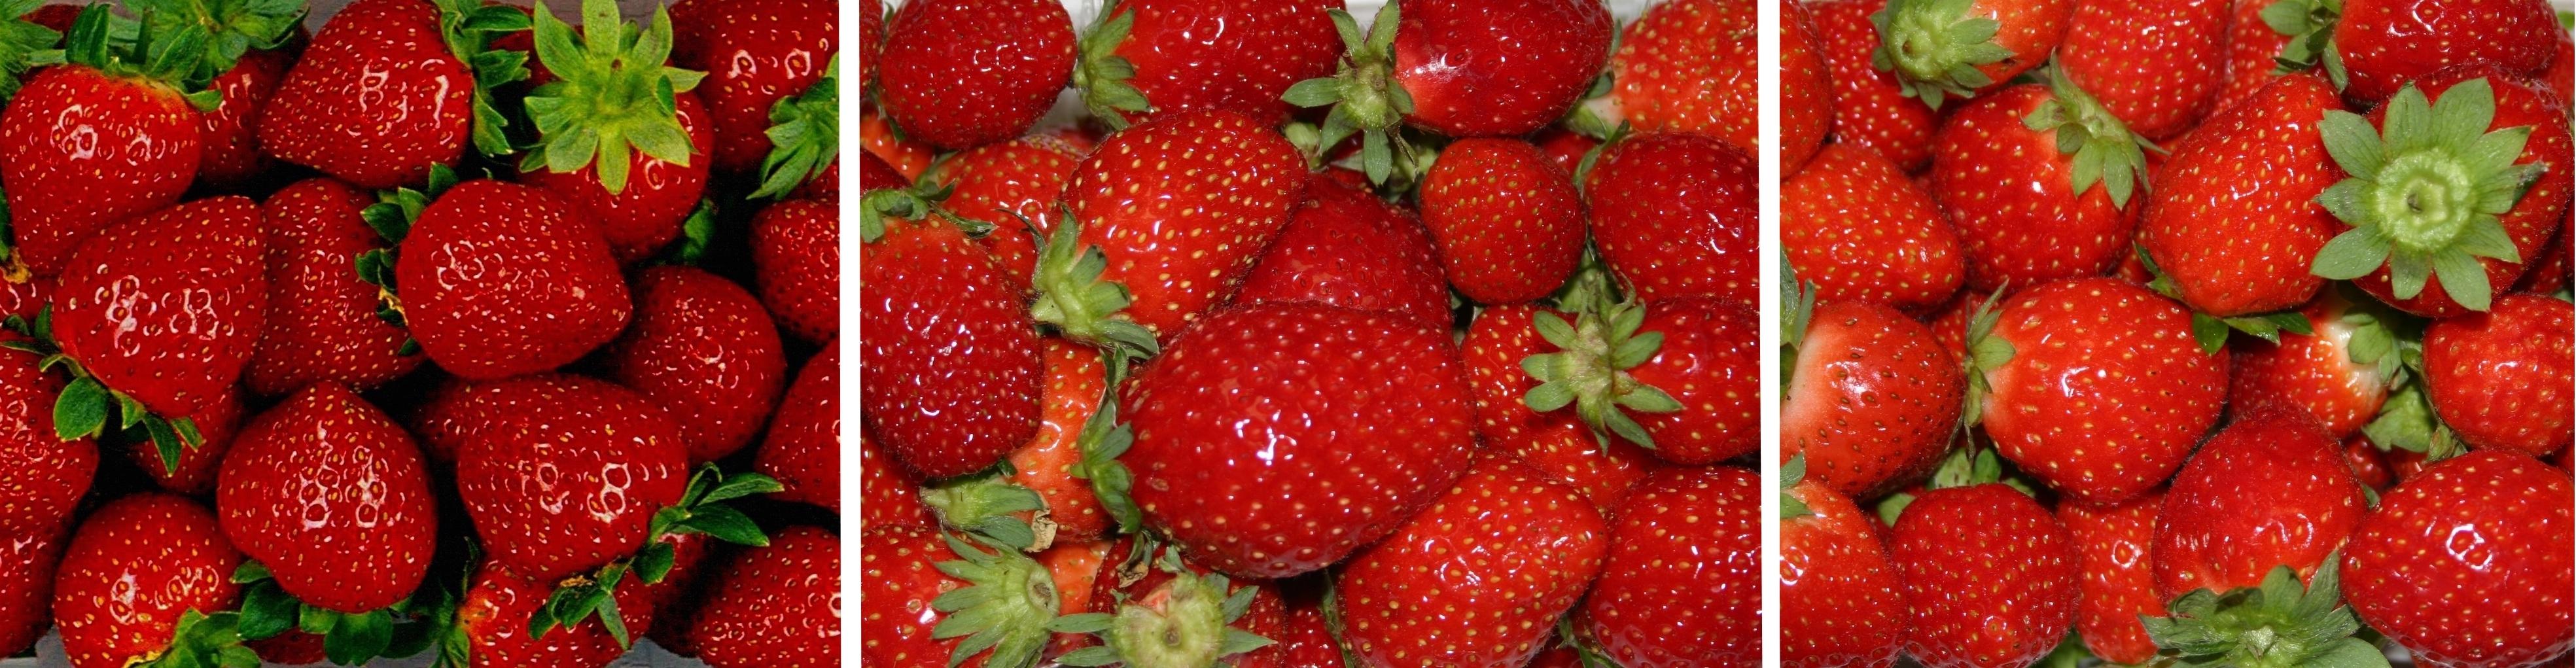 De gauche à droite : les variétés de fraises Charlotte, Cirafine et Mara des Bois